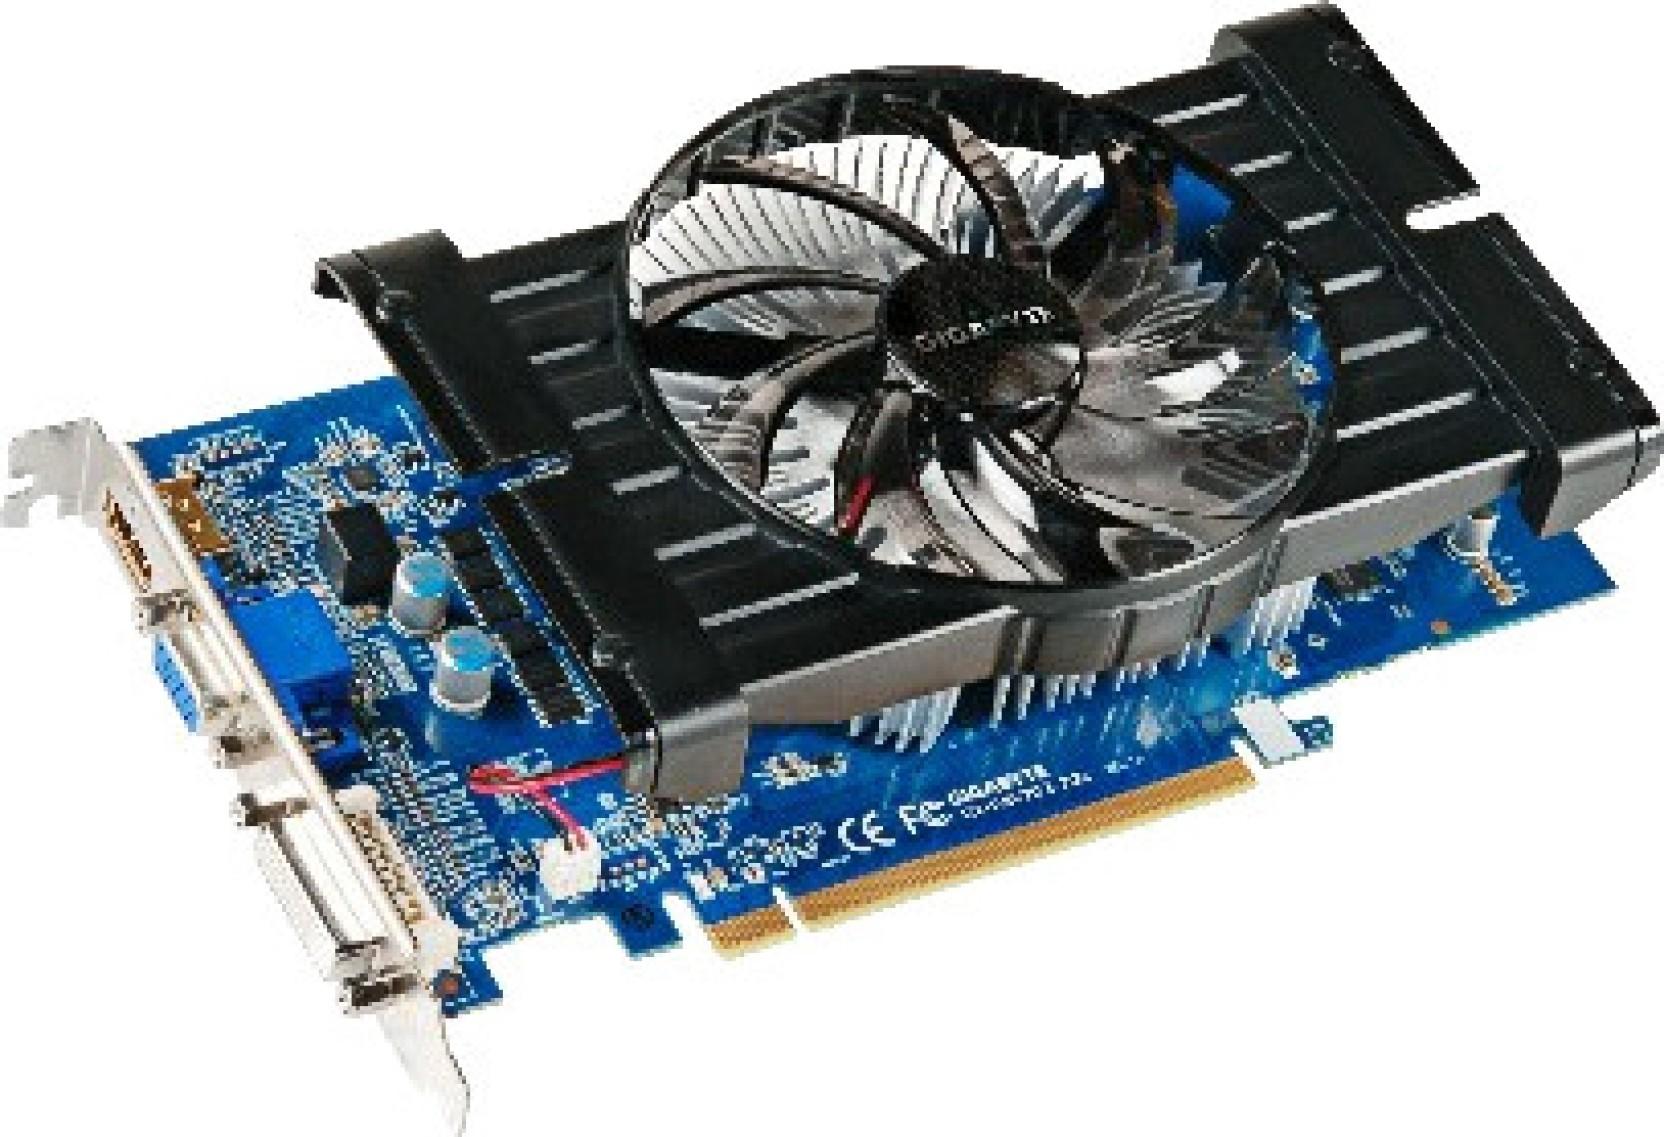 Gigabyte AMD/ATI Radeon HD 6670 2 GB DDR3 GV-R667D3-2GI